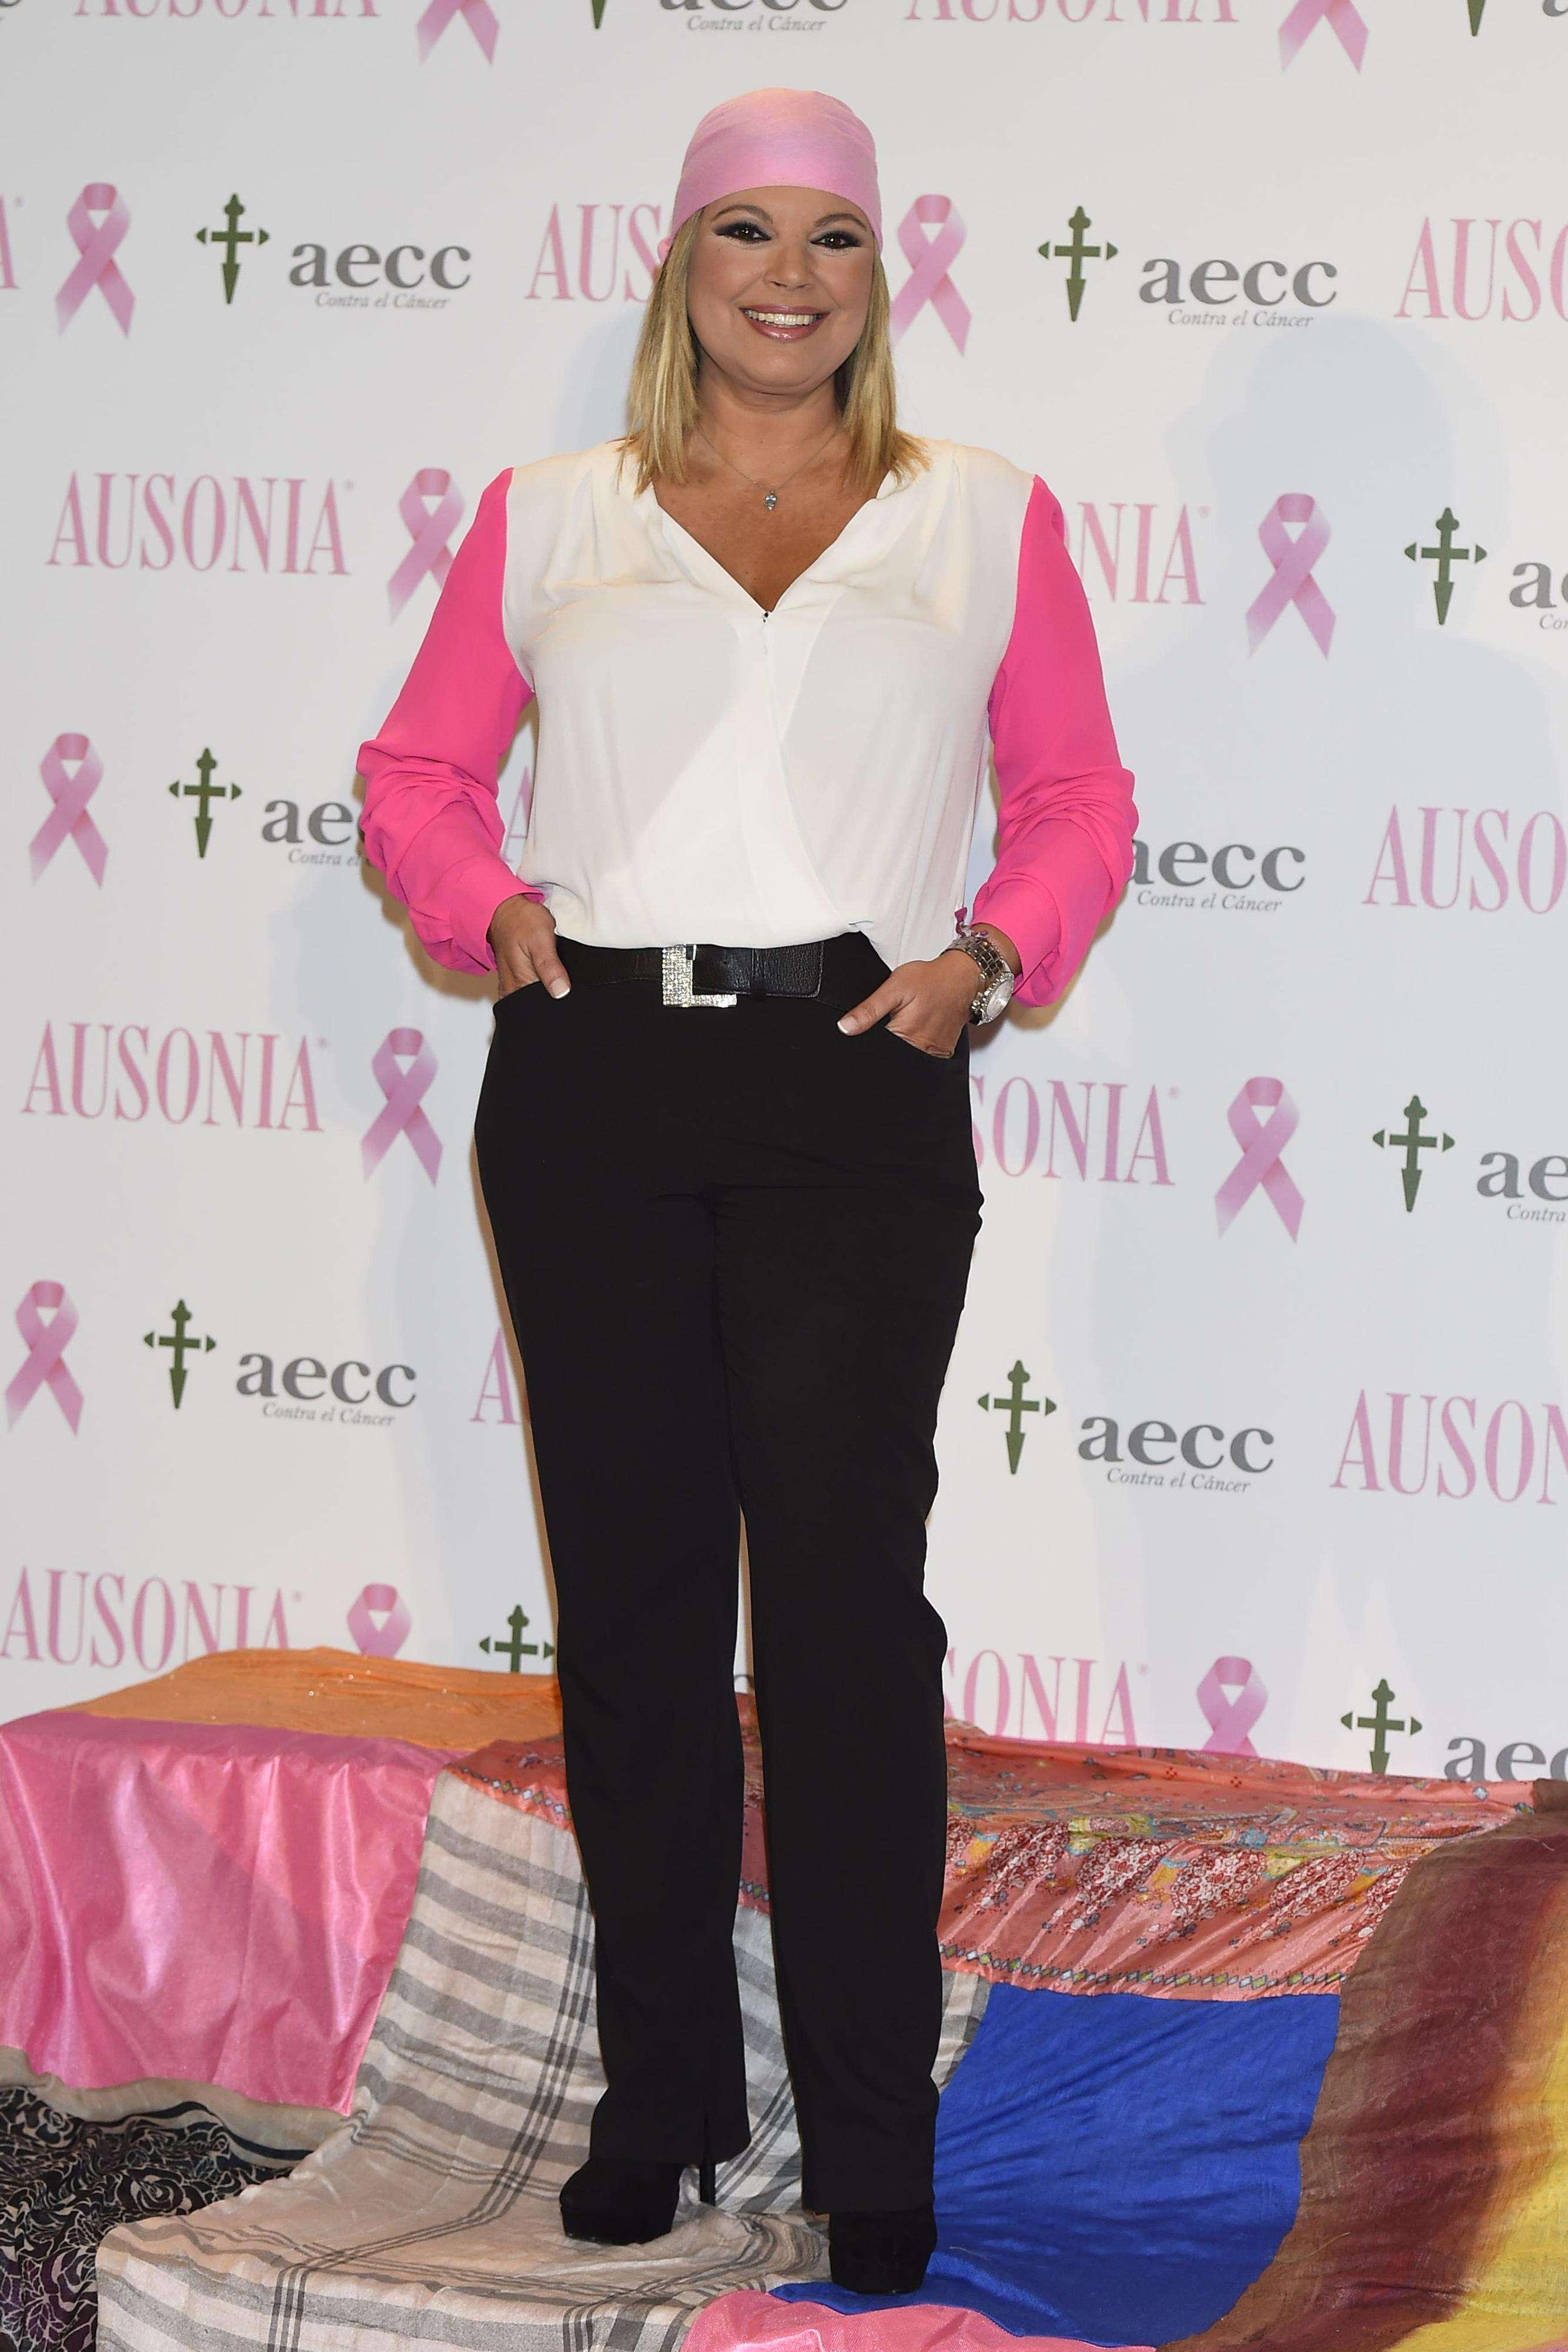 Terelu Campos, Eva González, Marta Sánchez y Bimba Bosé han sido este año las abanderadas de la campaña contra el cáncer de mama. Foto: Gtres